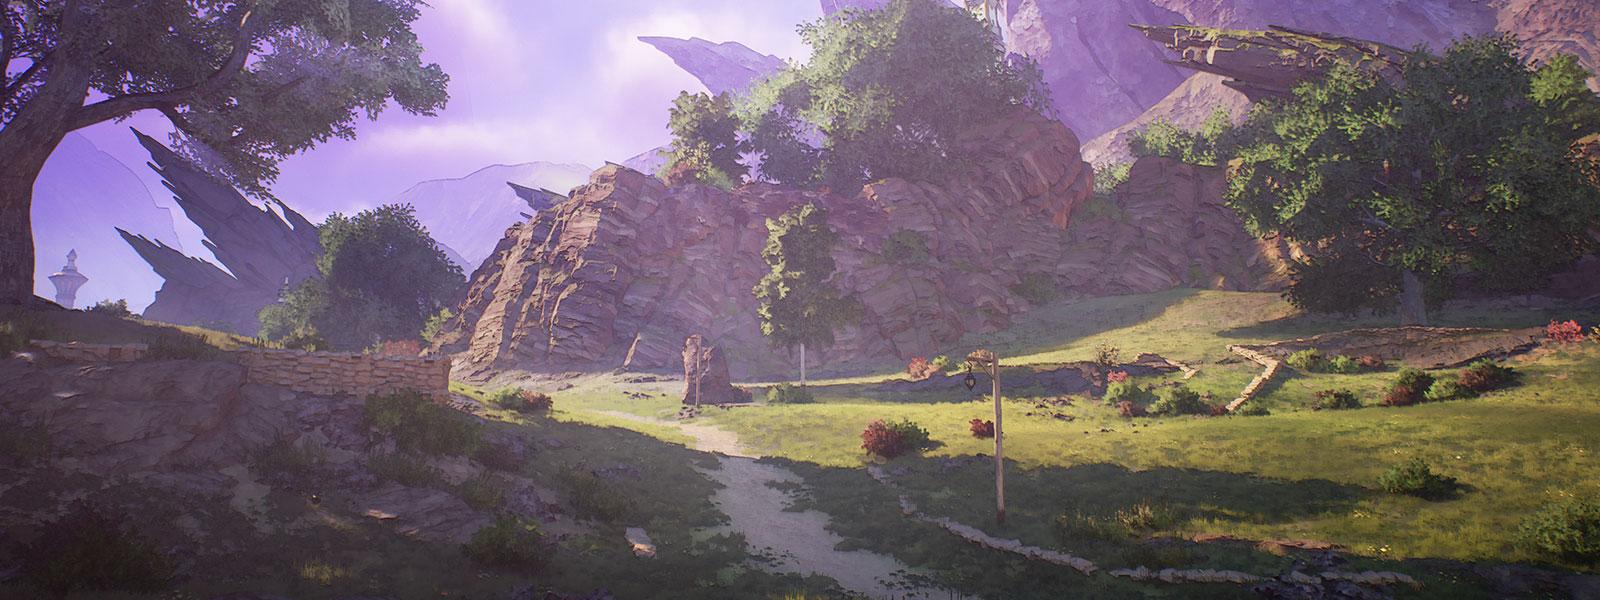 나무와 바위산이 보이는 다져진 길 장면